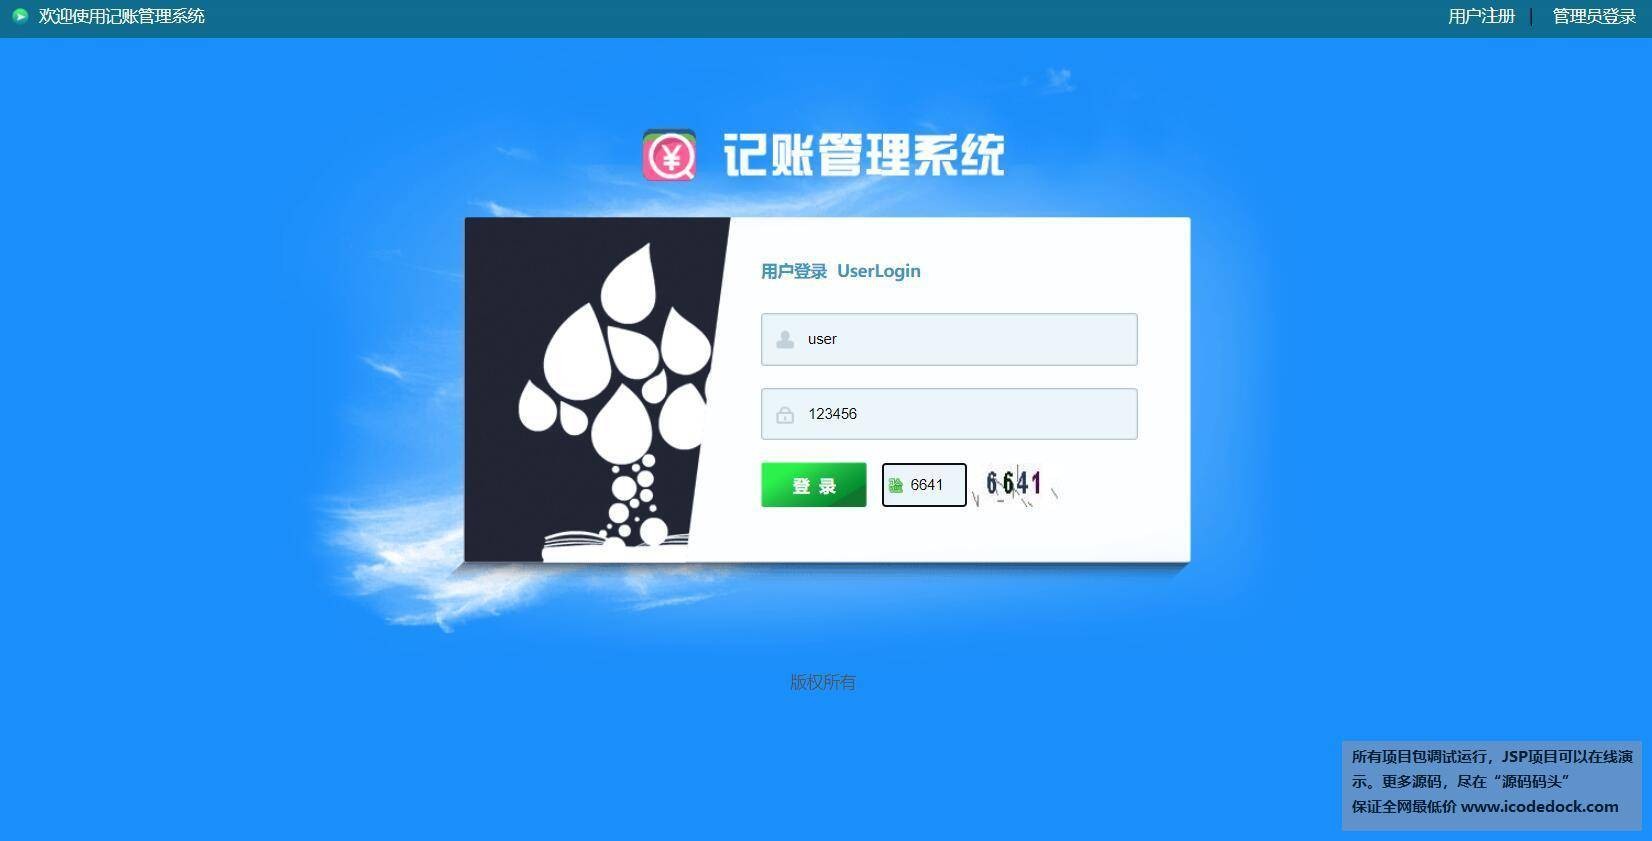 源码码头-SSH个人记账本-用户角色-用户登录